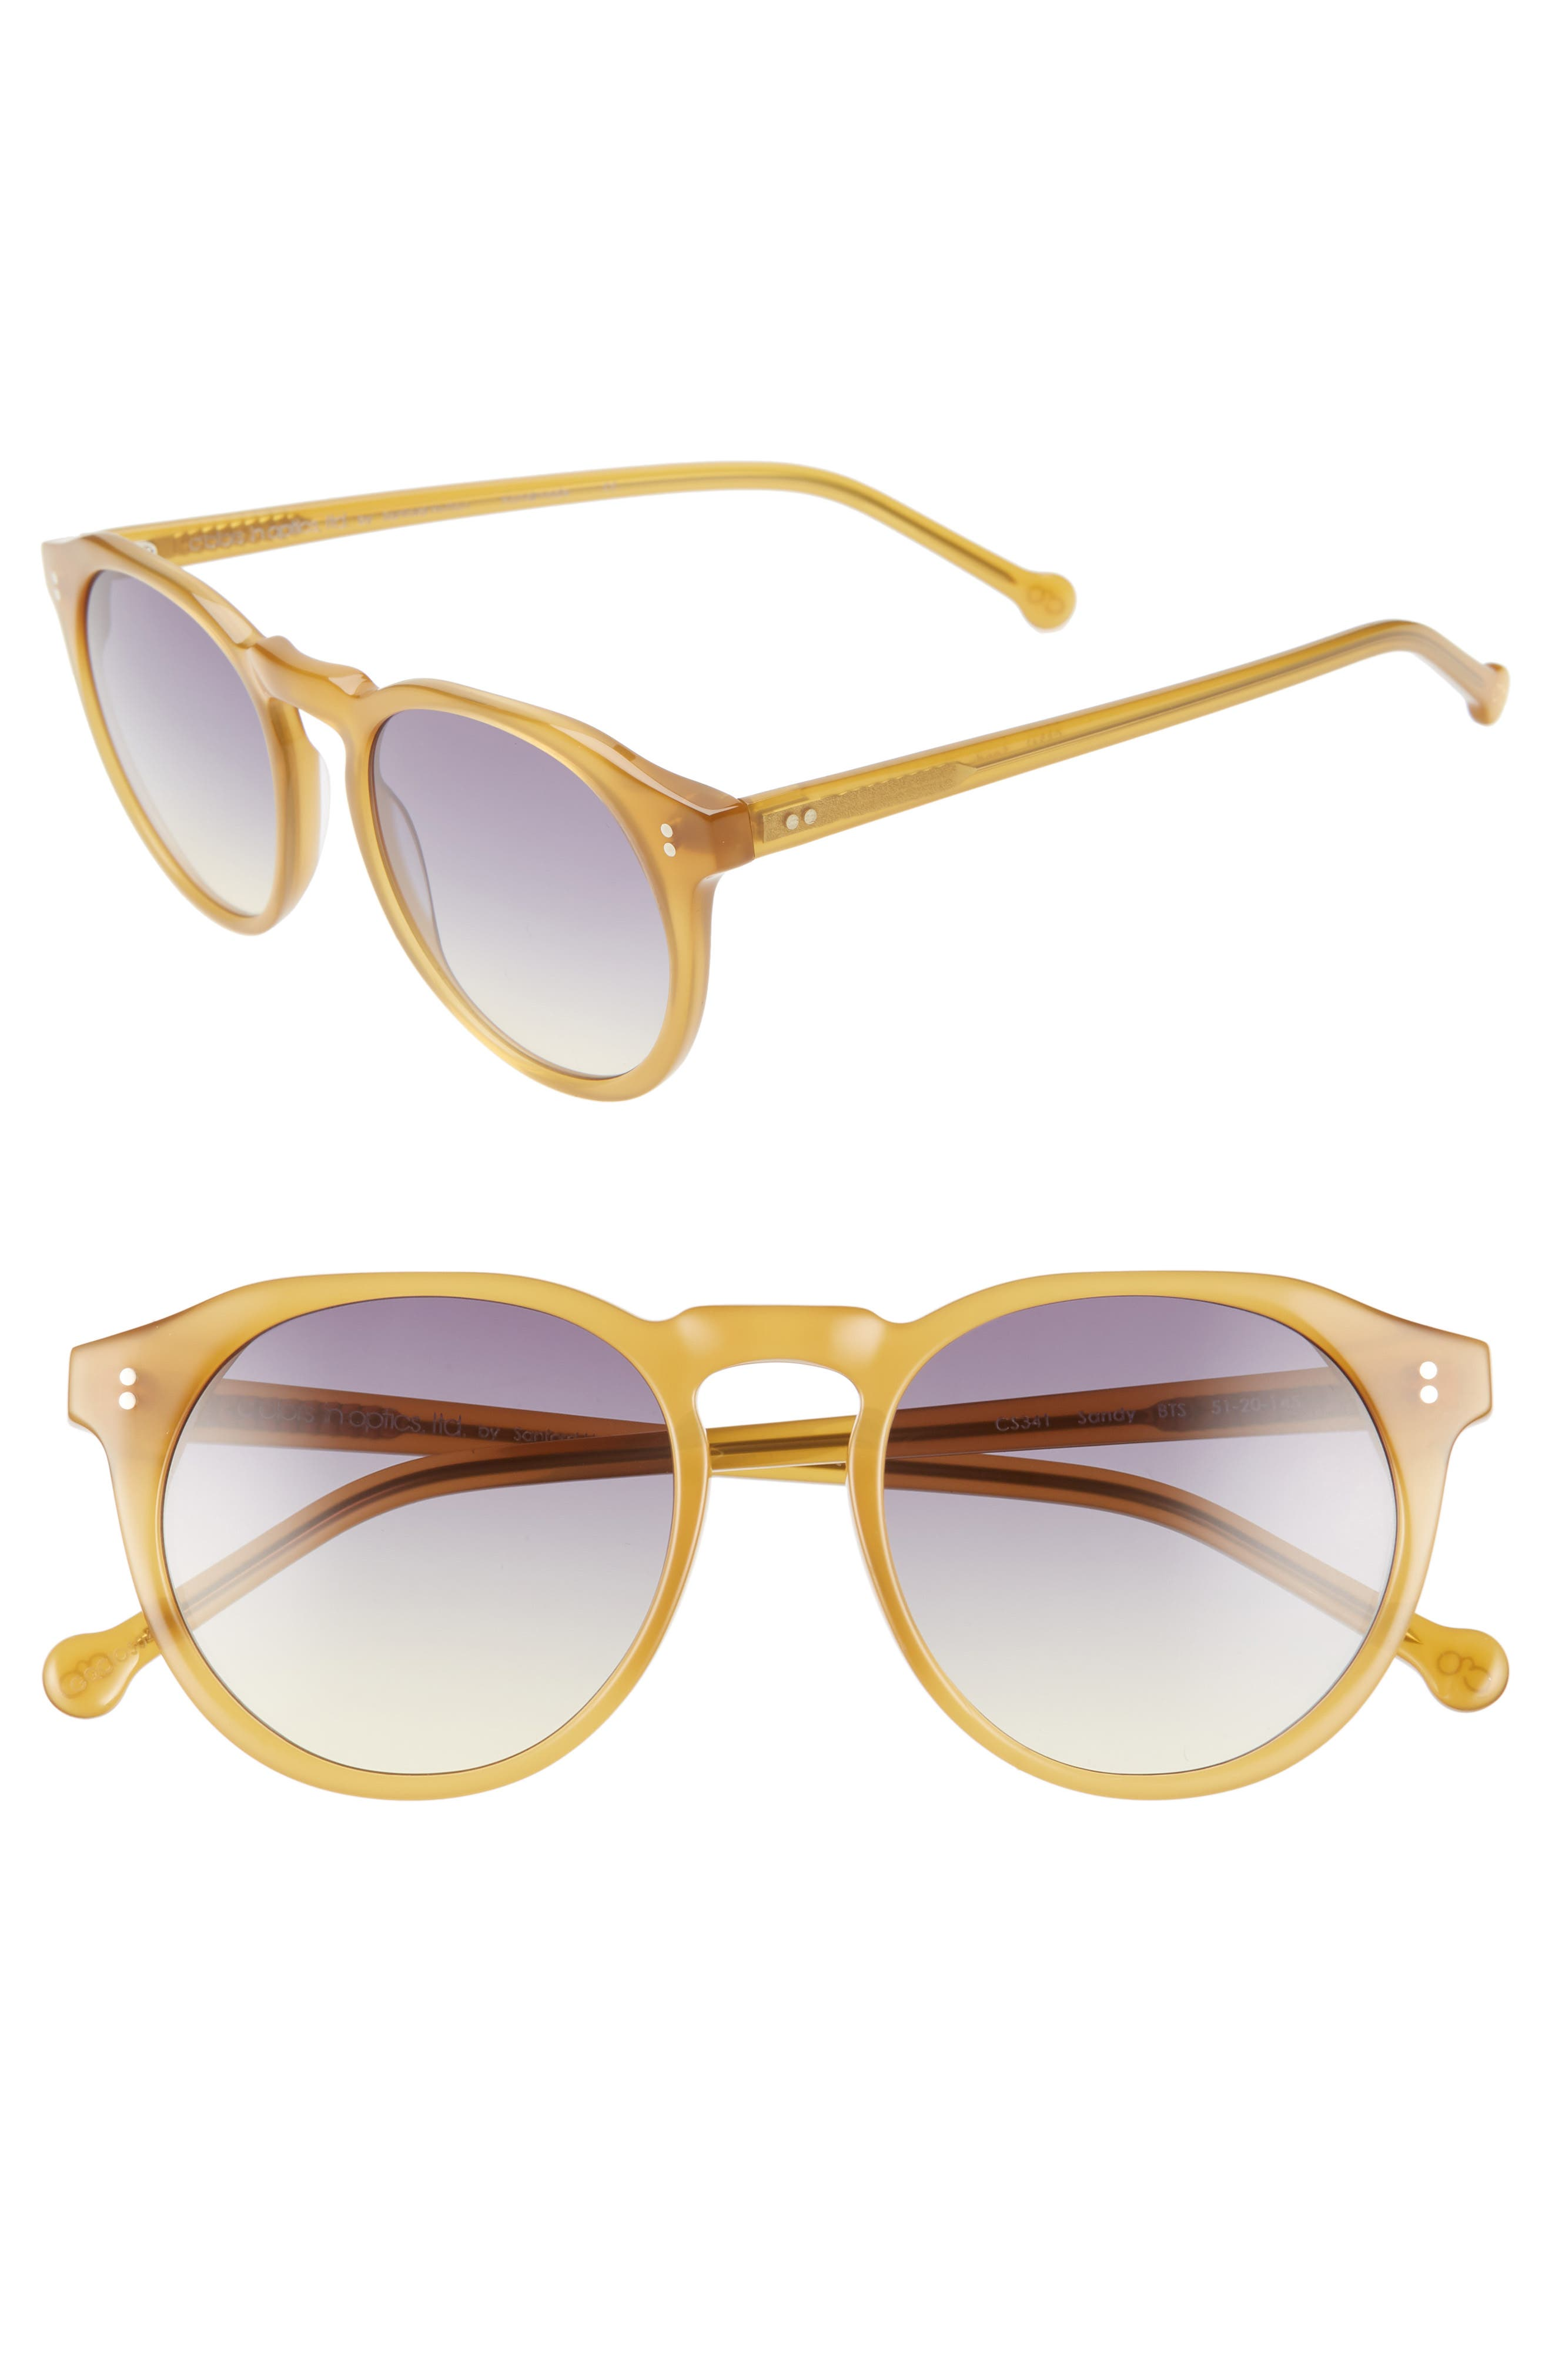 Sandy 51mm Gradient Round Sunglasses, Main, color, BUTTERSCOTCH